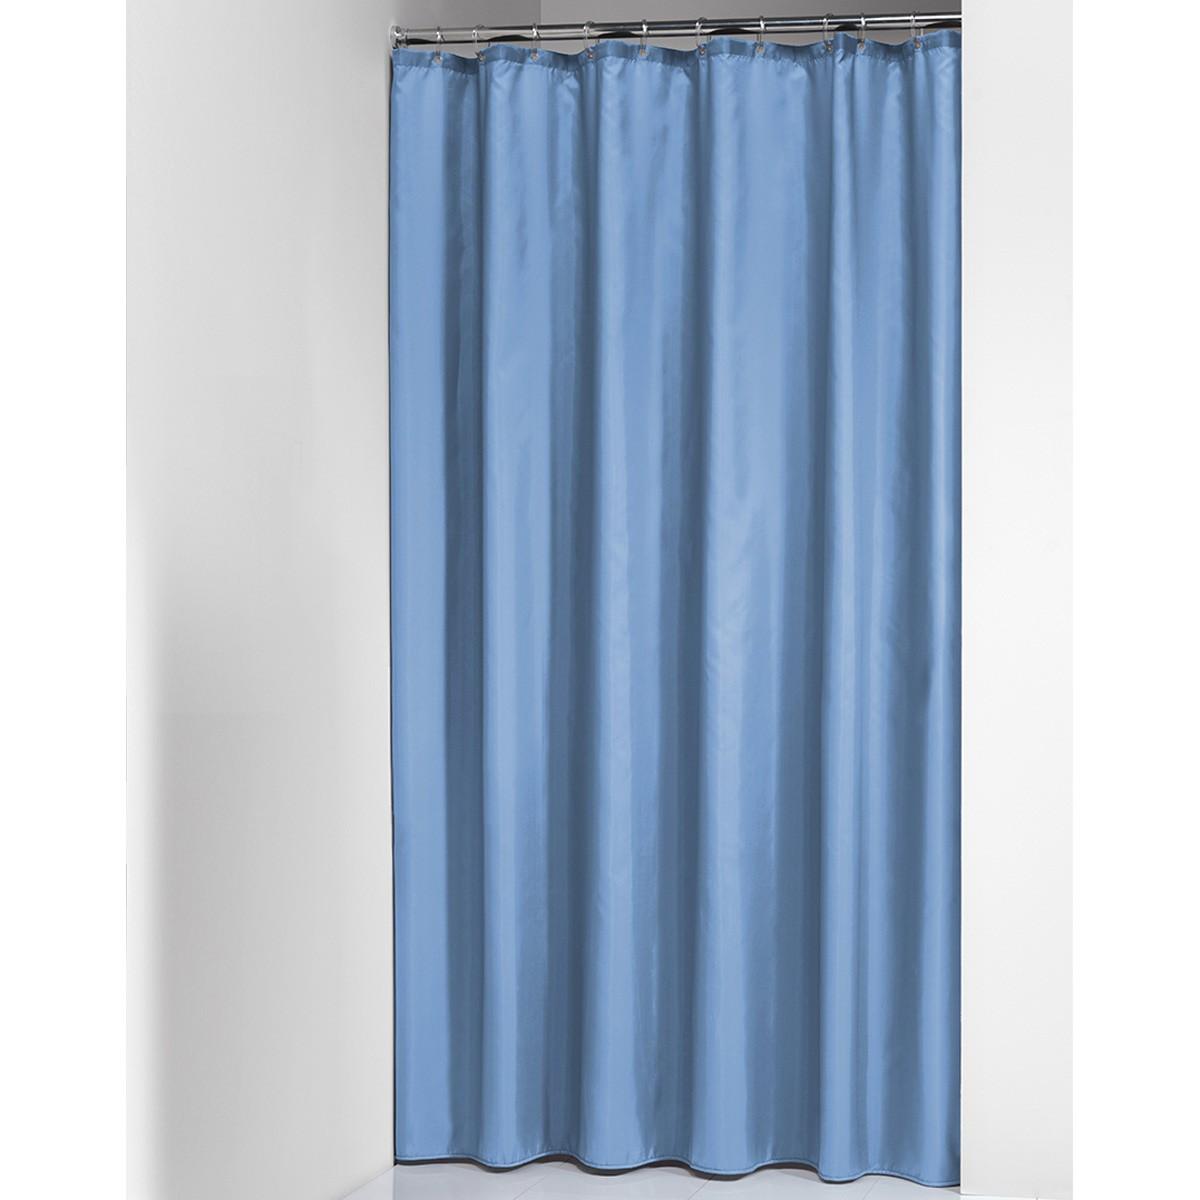 Κουρτίνα Μπάνιου Πλαστική (240x180) SealSkin Granada Blue